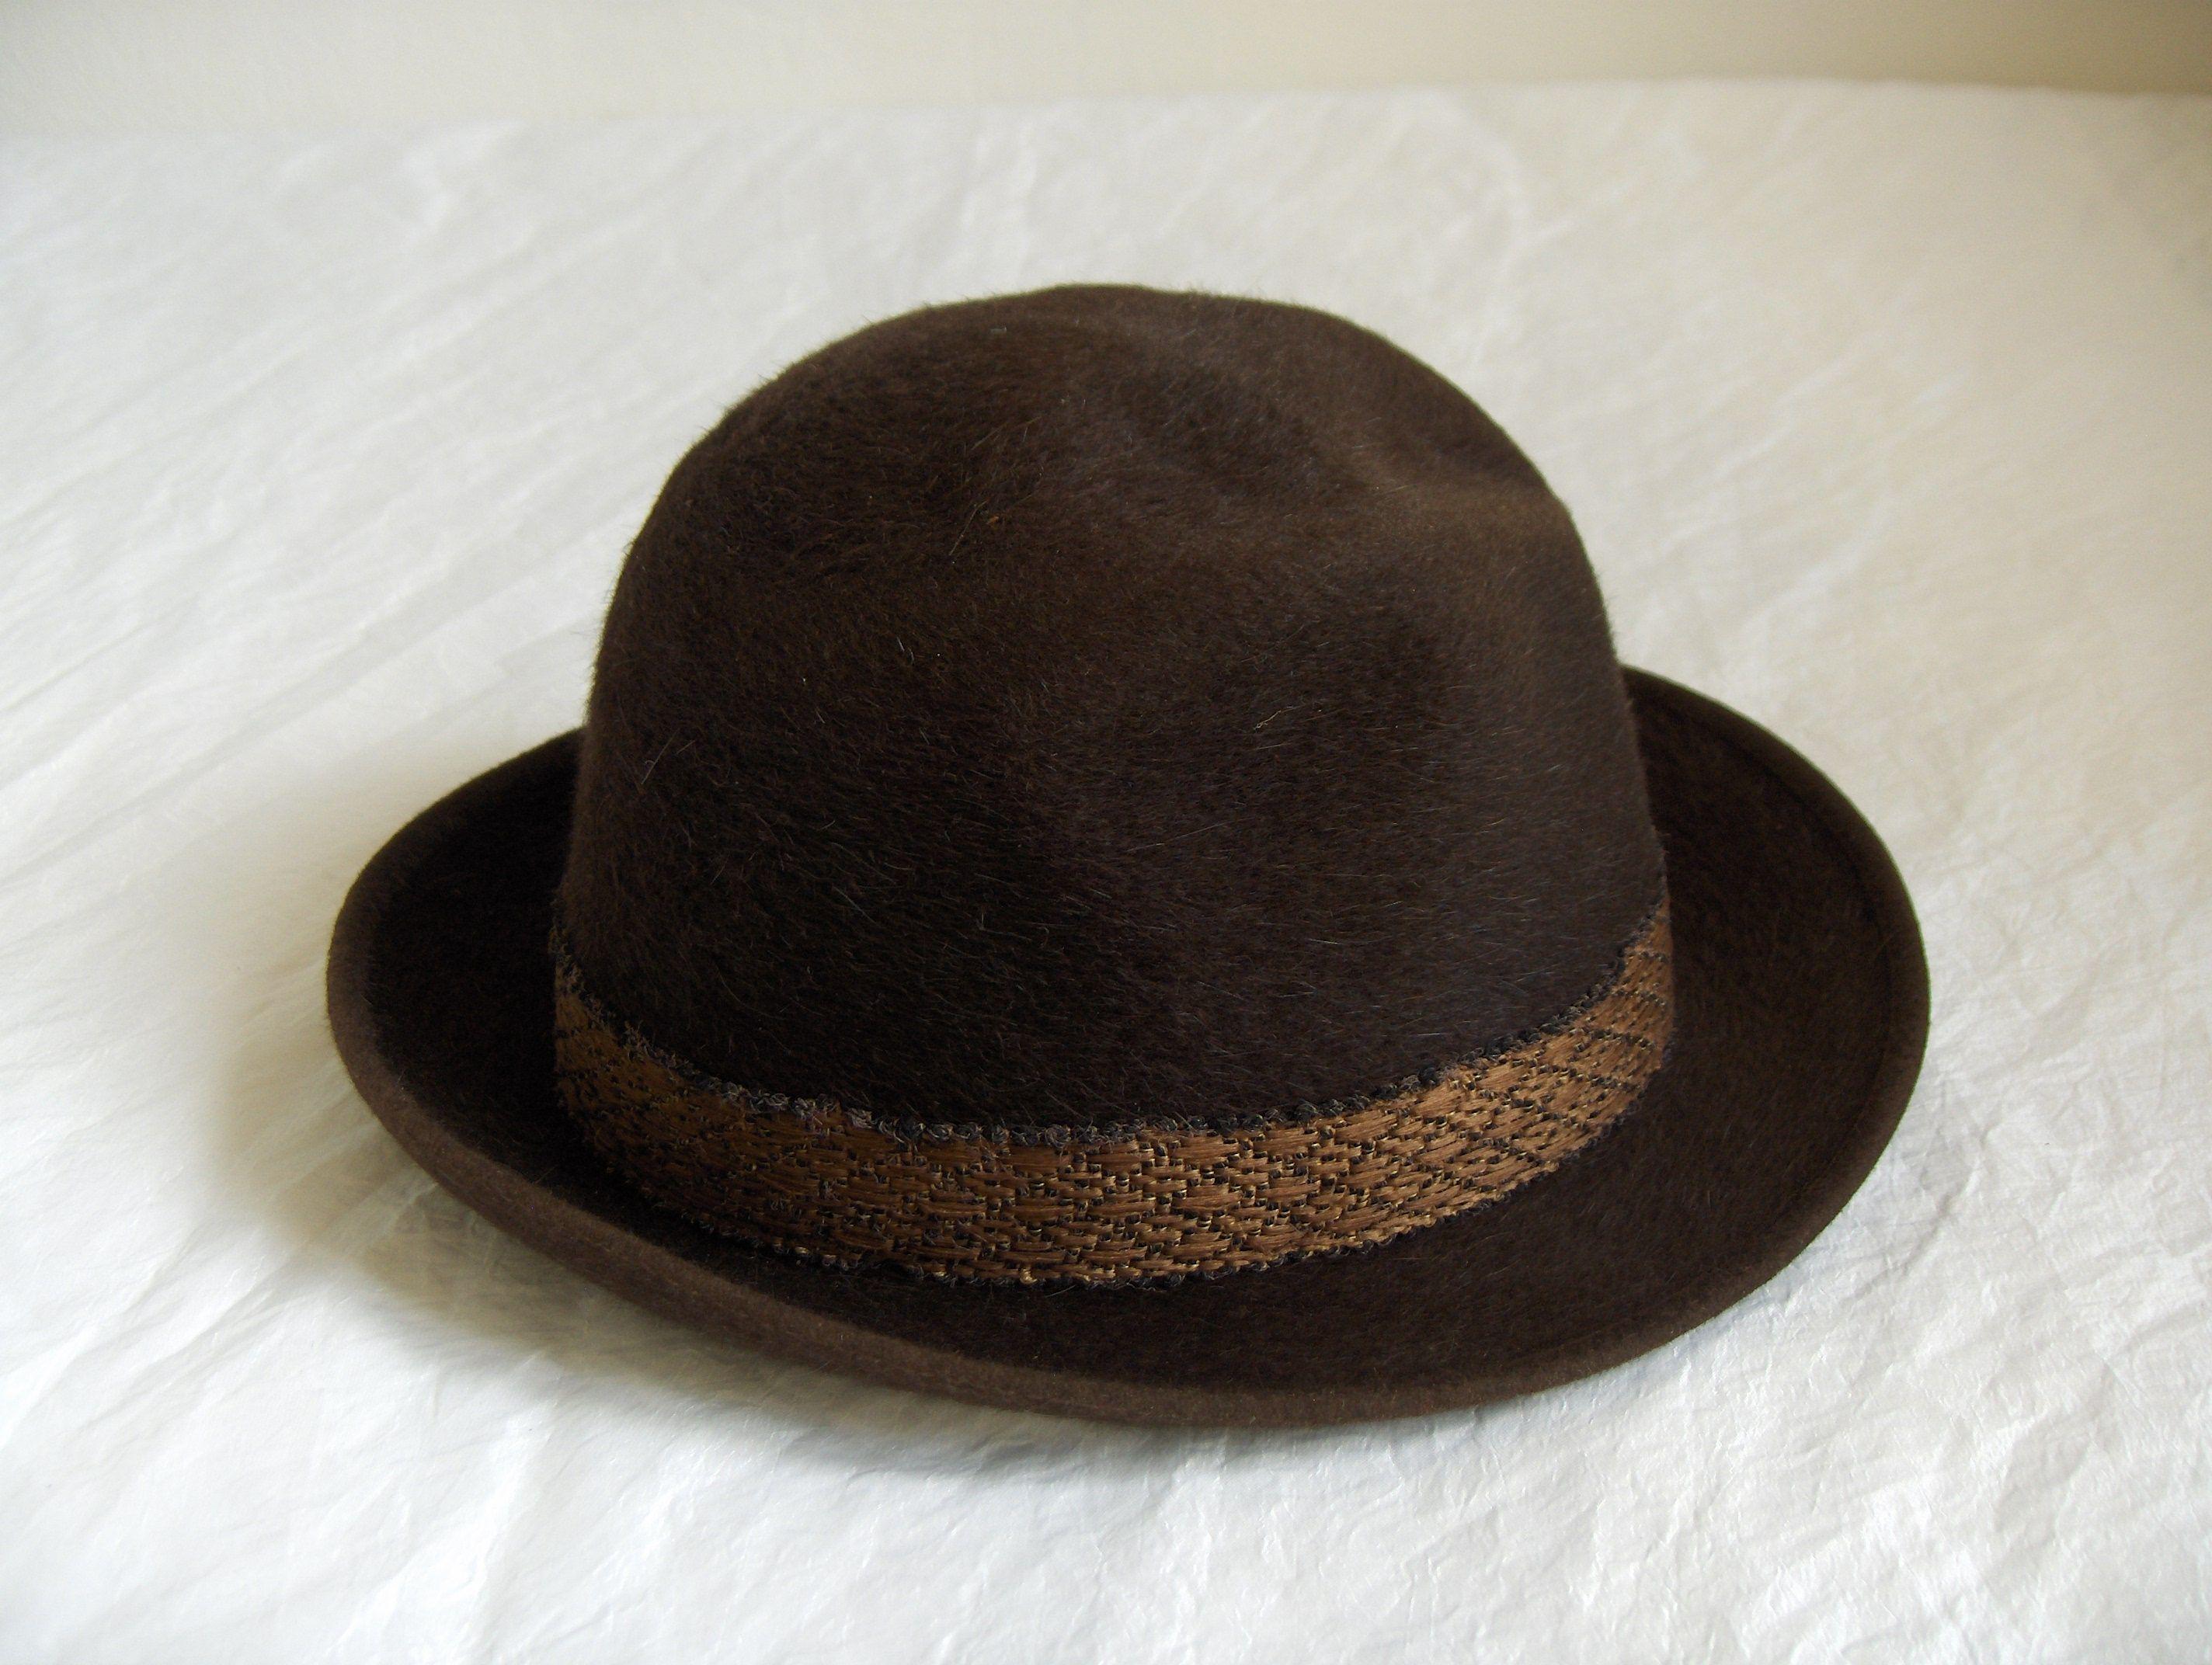 sconto bellissimo aspetto negozio online Cappello vintage originale Borsalino Grand Prix - Paris 1900 ...